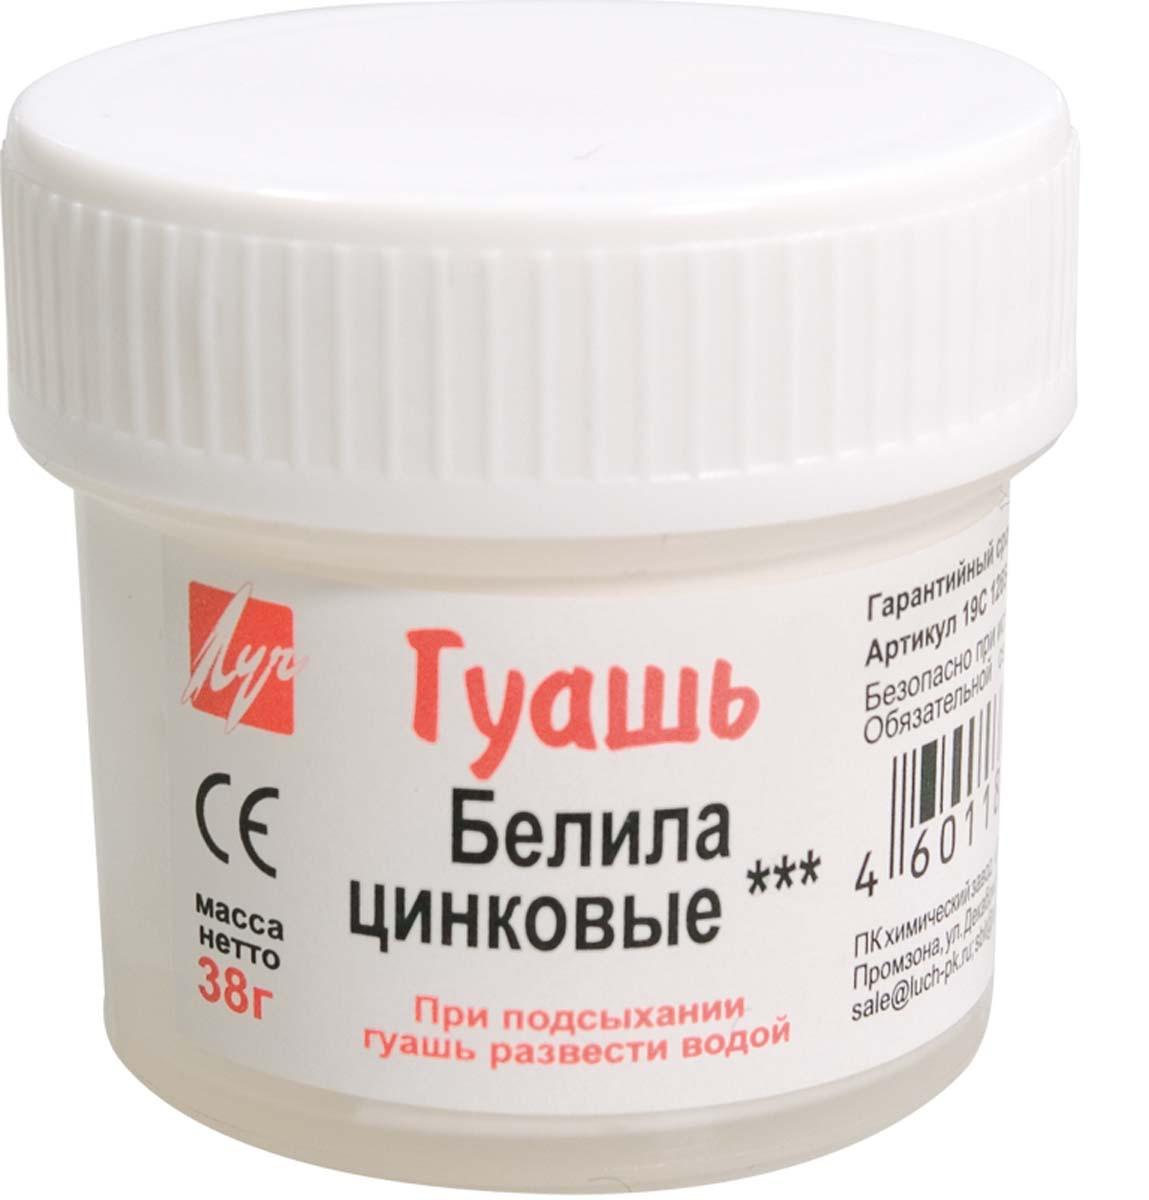 Гуашь белила цинковые 20 мл, 0,038 кг 19С1265-08